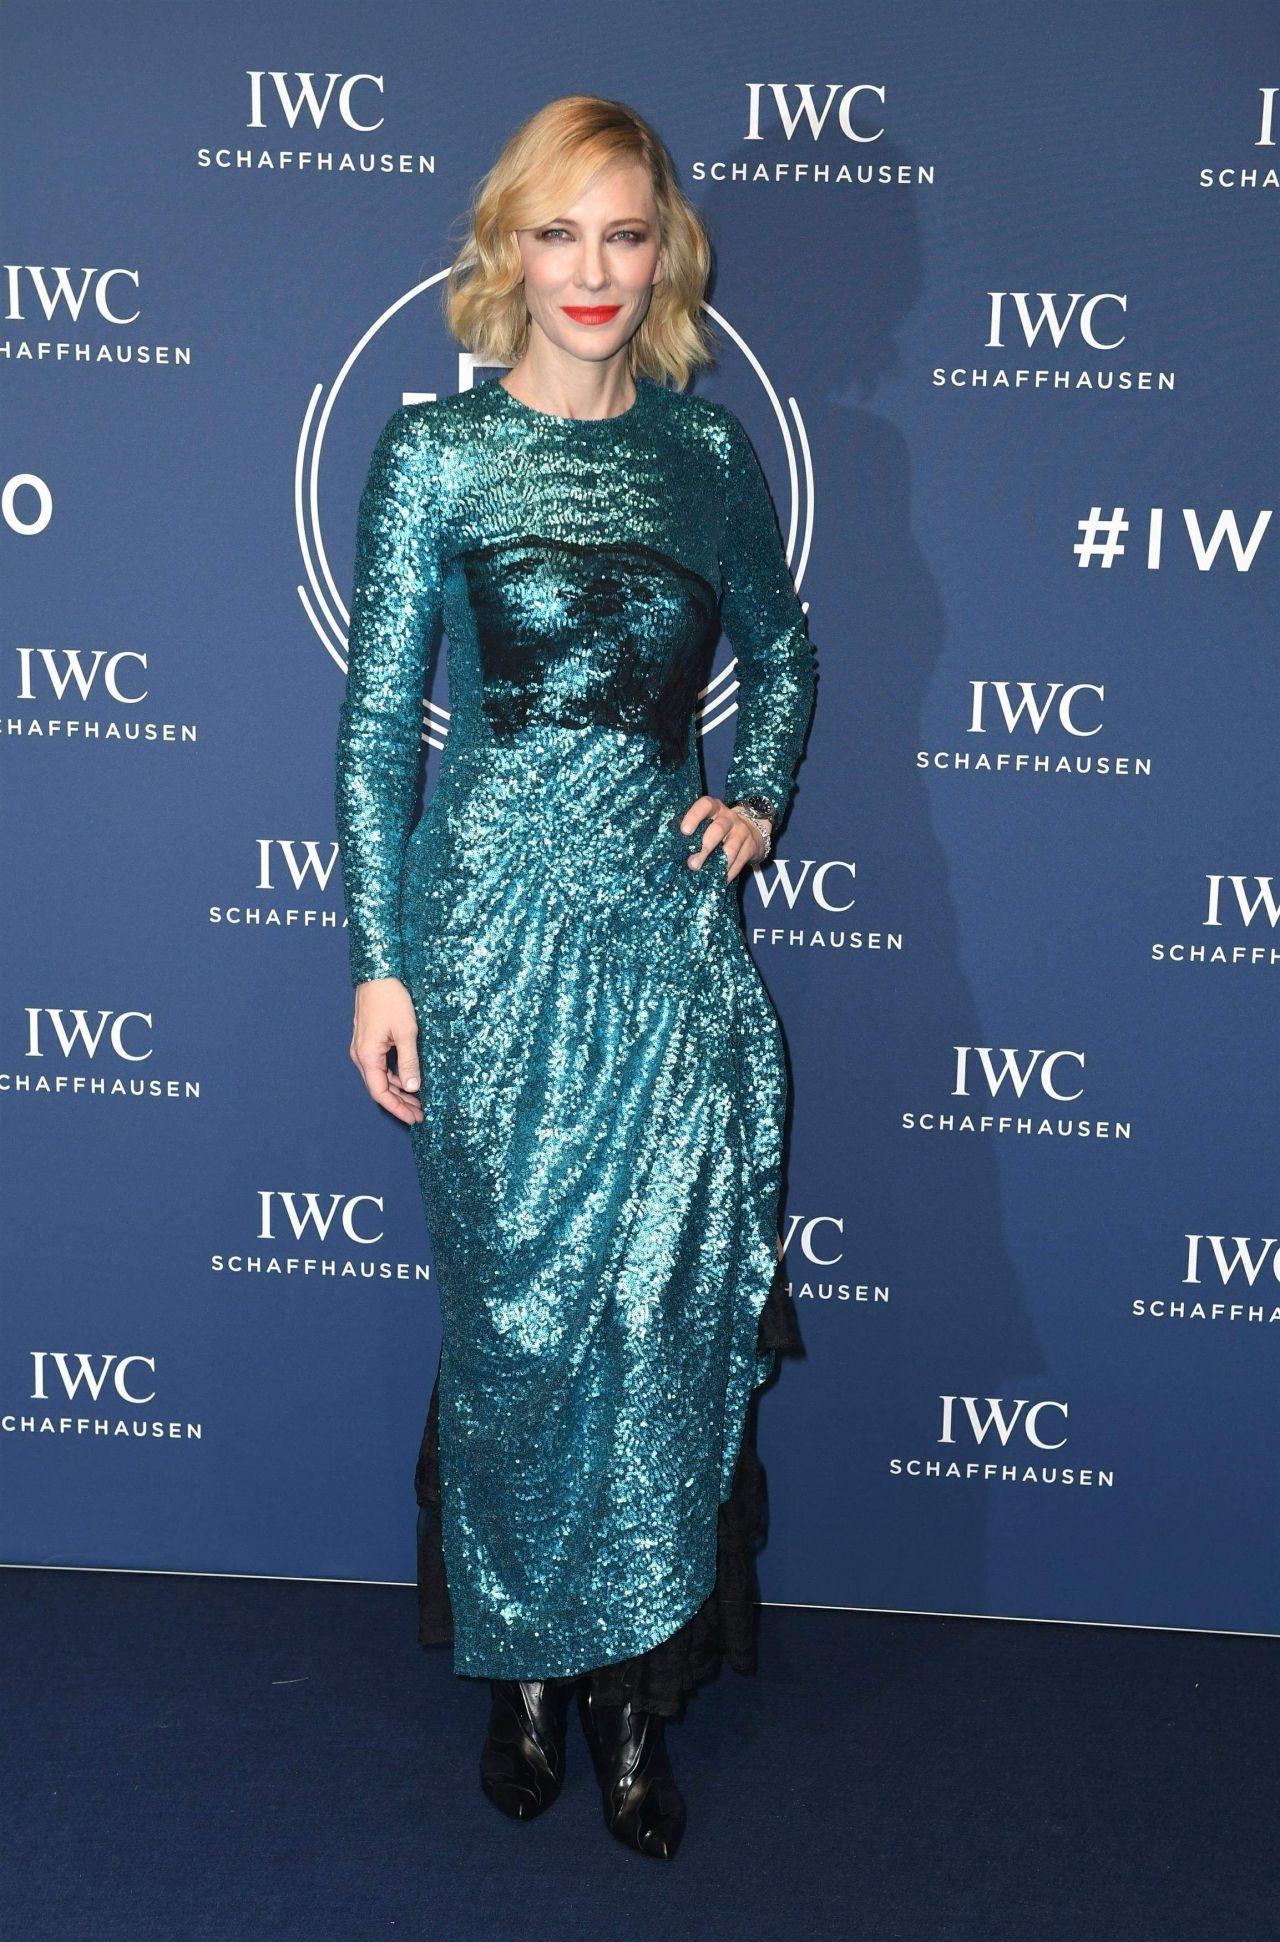 Cate Blanchett - IWC Schaffhausen Gala at SIHH 2018 in Geneva